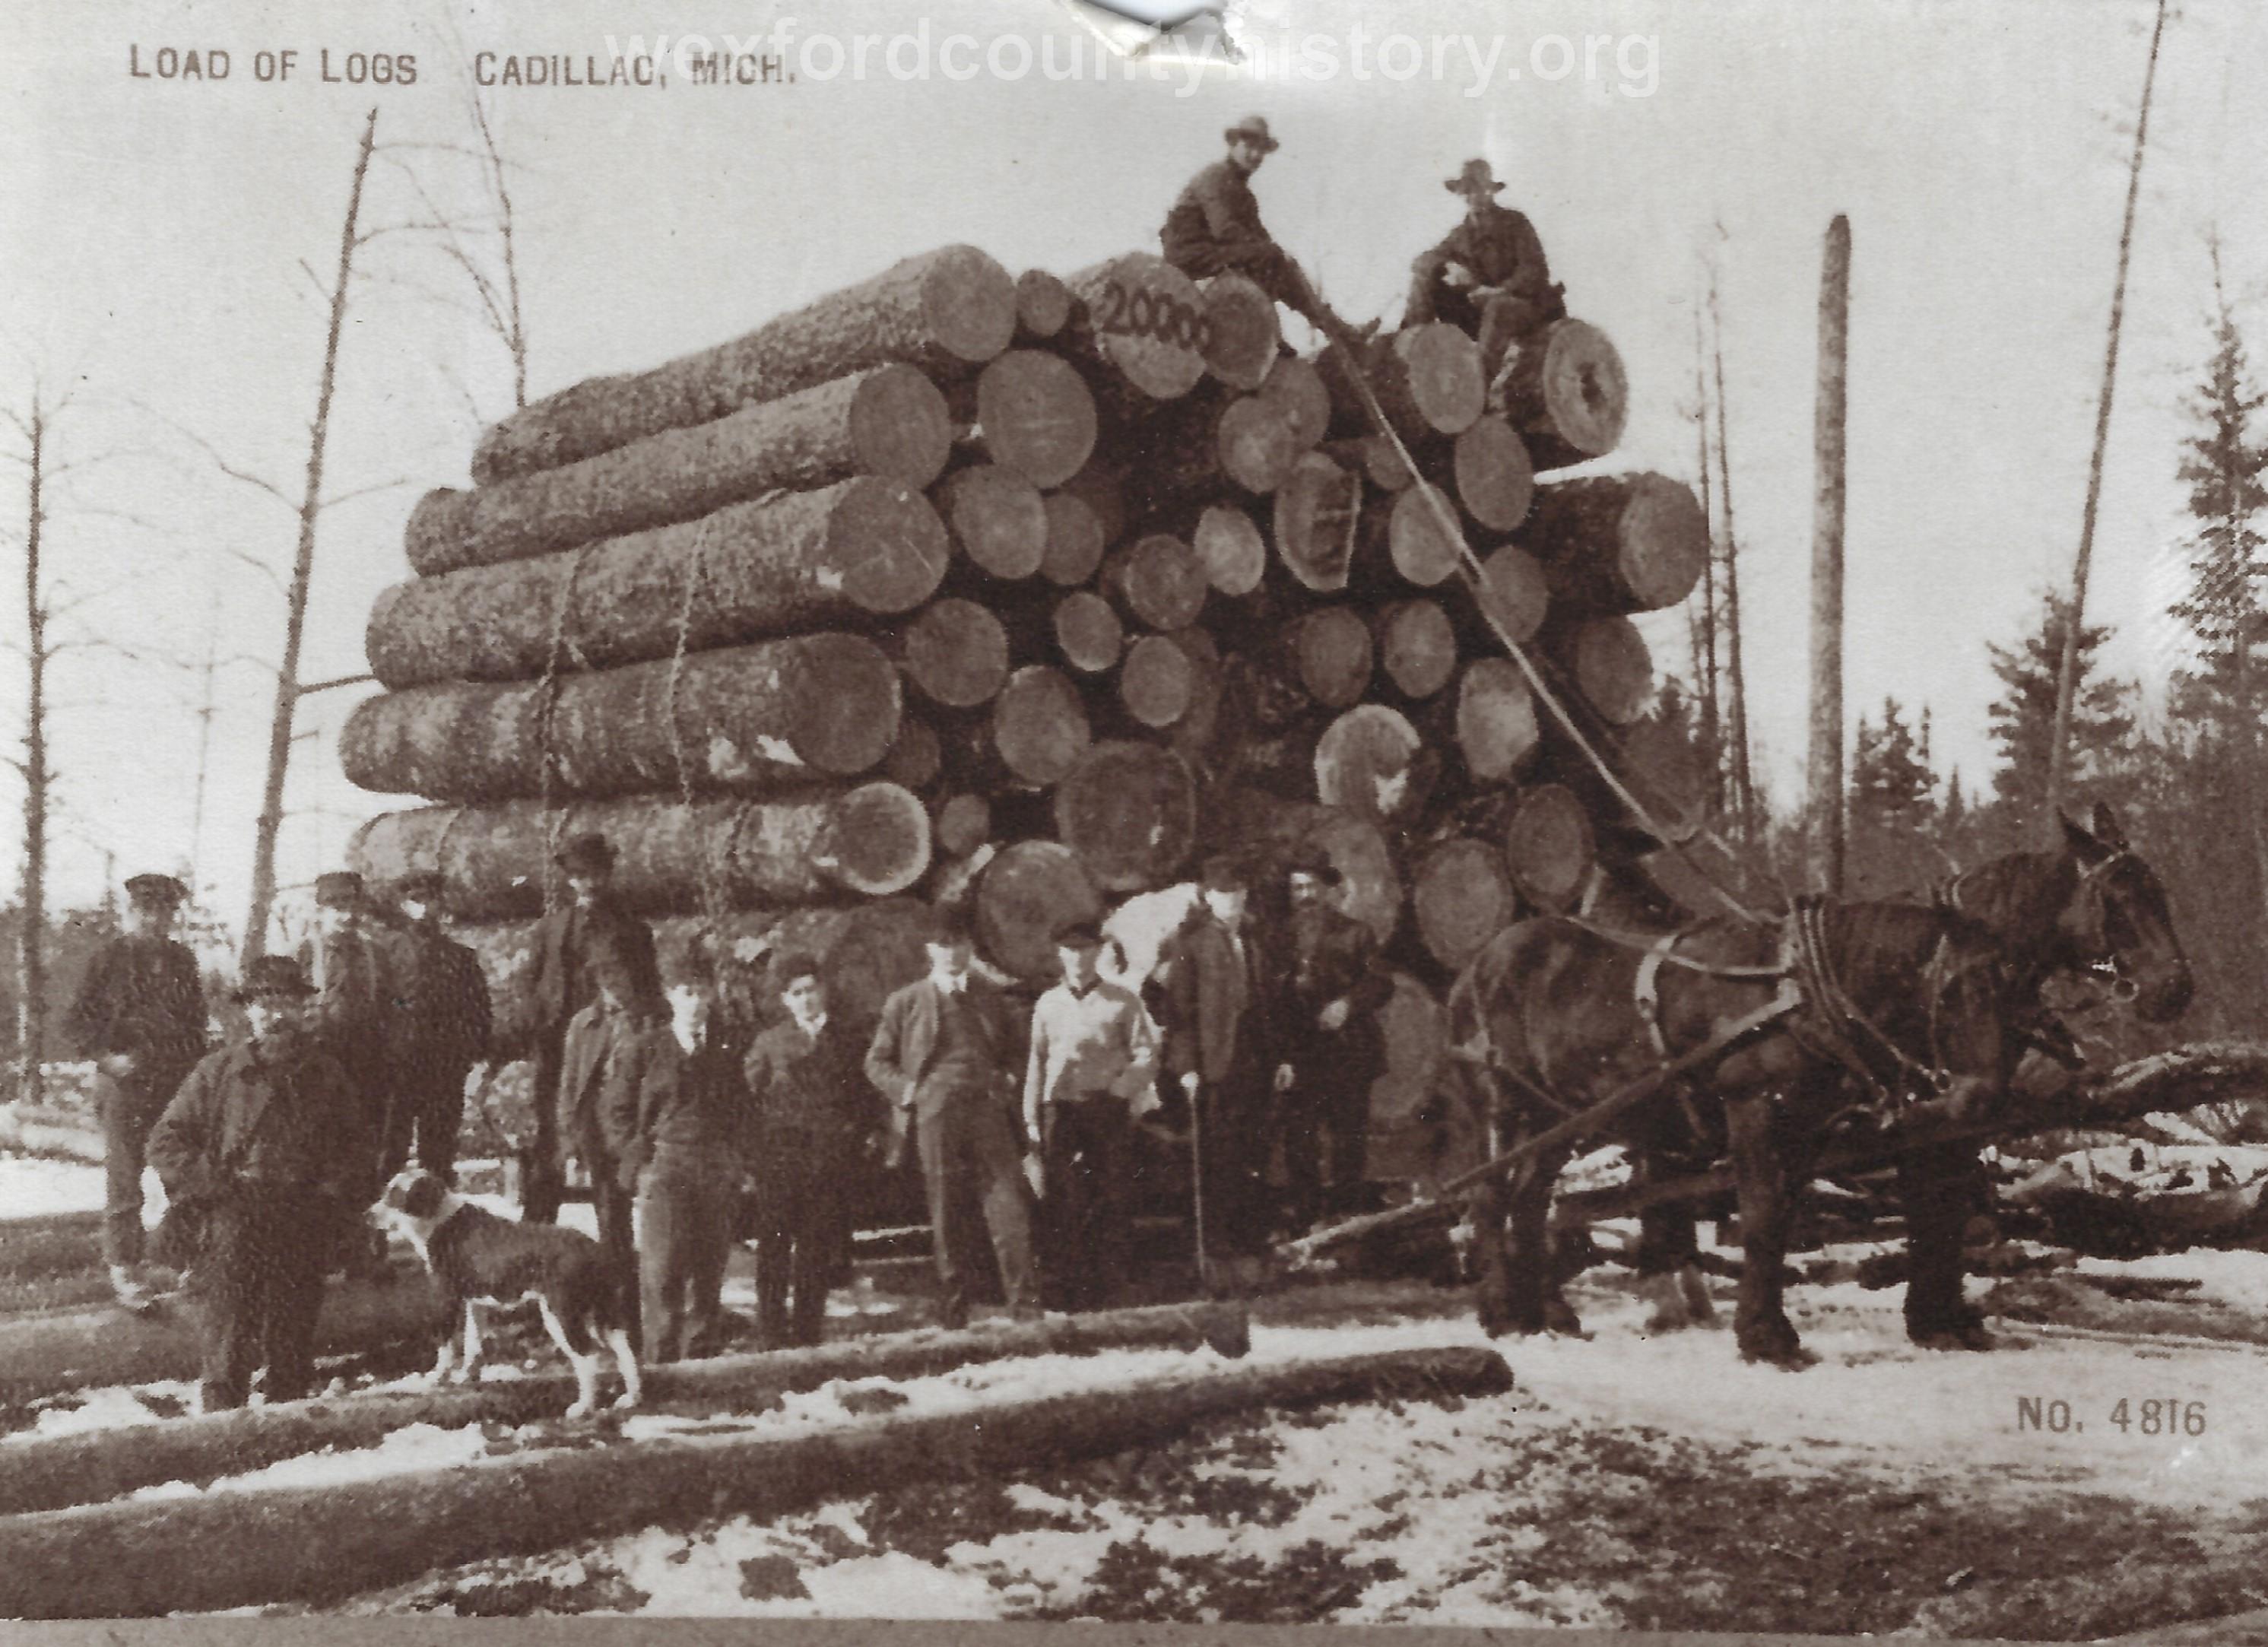 1_Cadillac-Lumber-Load-Of-Logs-Cadillac-Michigan